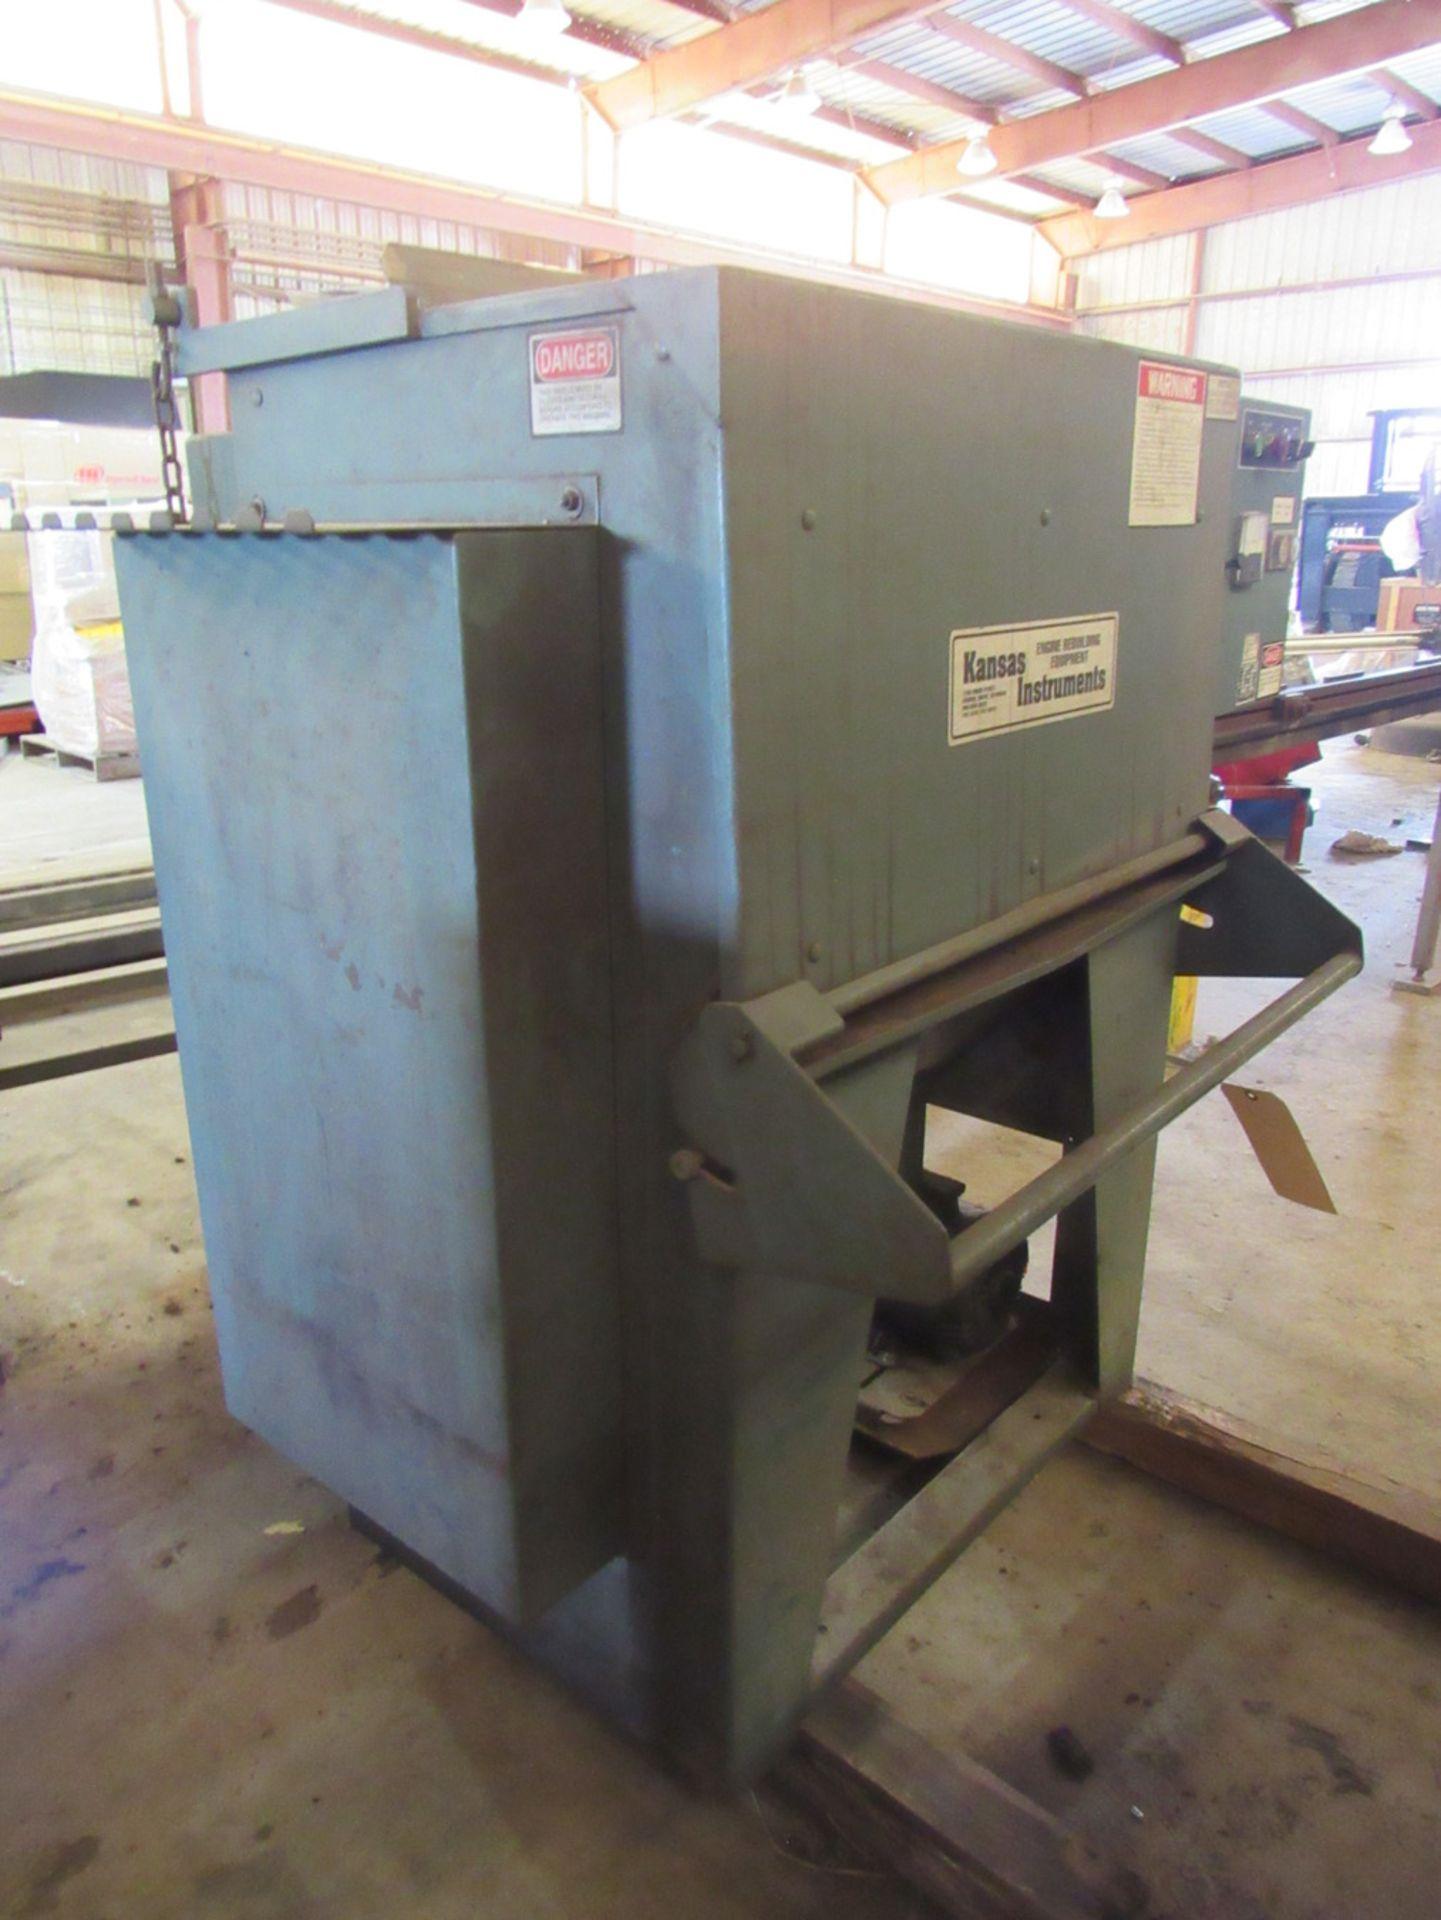 Kansas Instruments Model AB-502B Bake / Blast / Tumble Machine - Image 4 of 12